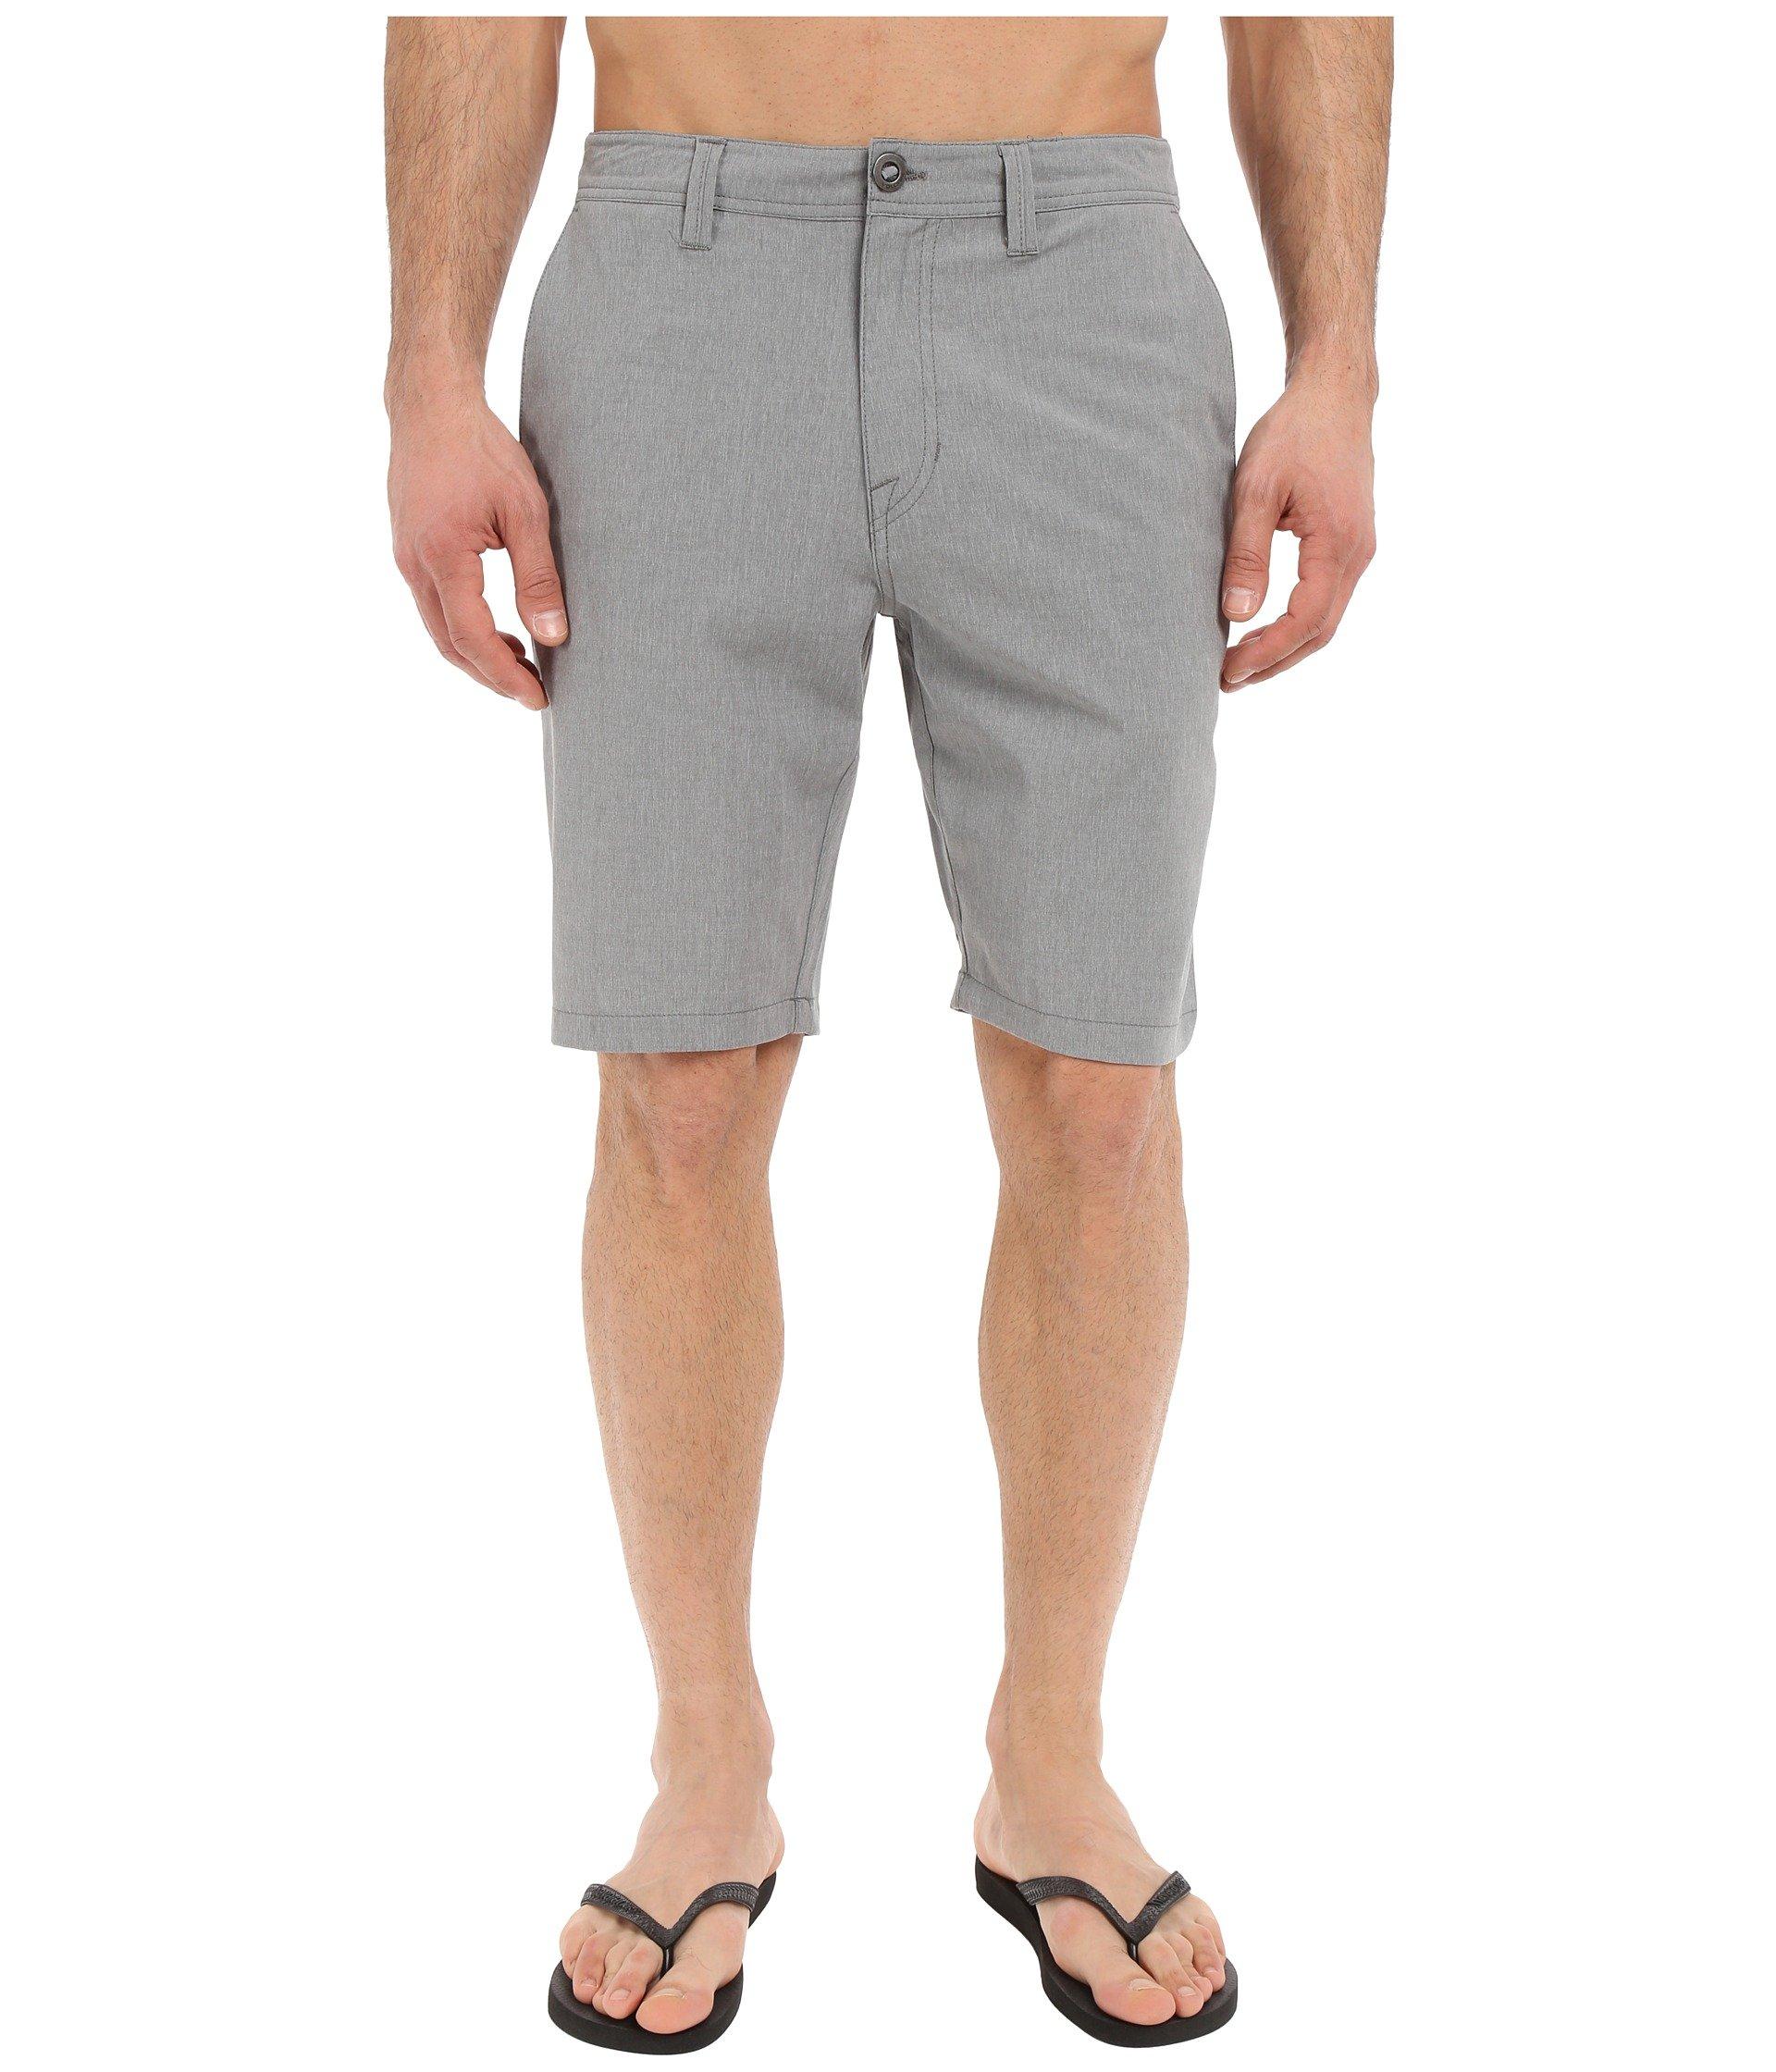 Pantaloneta para Hombre Volcom SNT Static Hybrid Shorts  + Volcom en VeoyCompro.net